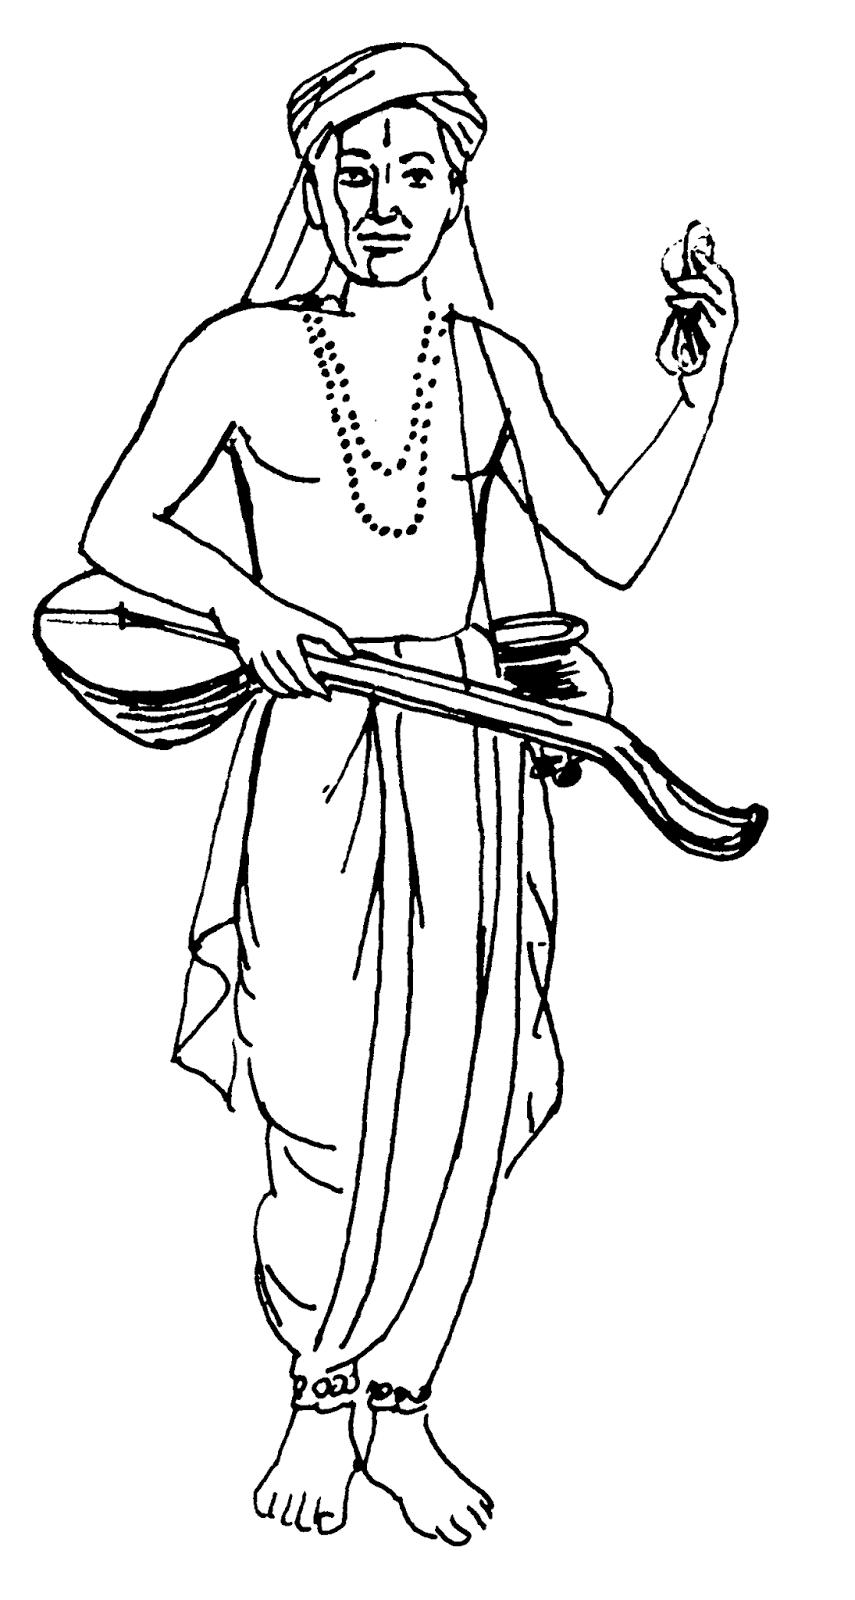 Drawing Lines With Css : Tamil cliparts spiritual personalities samiyarkal